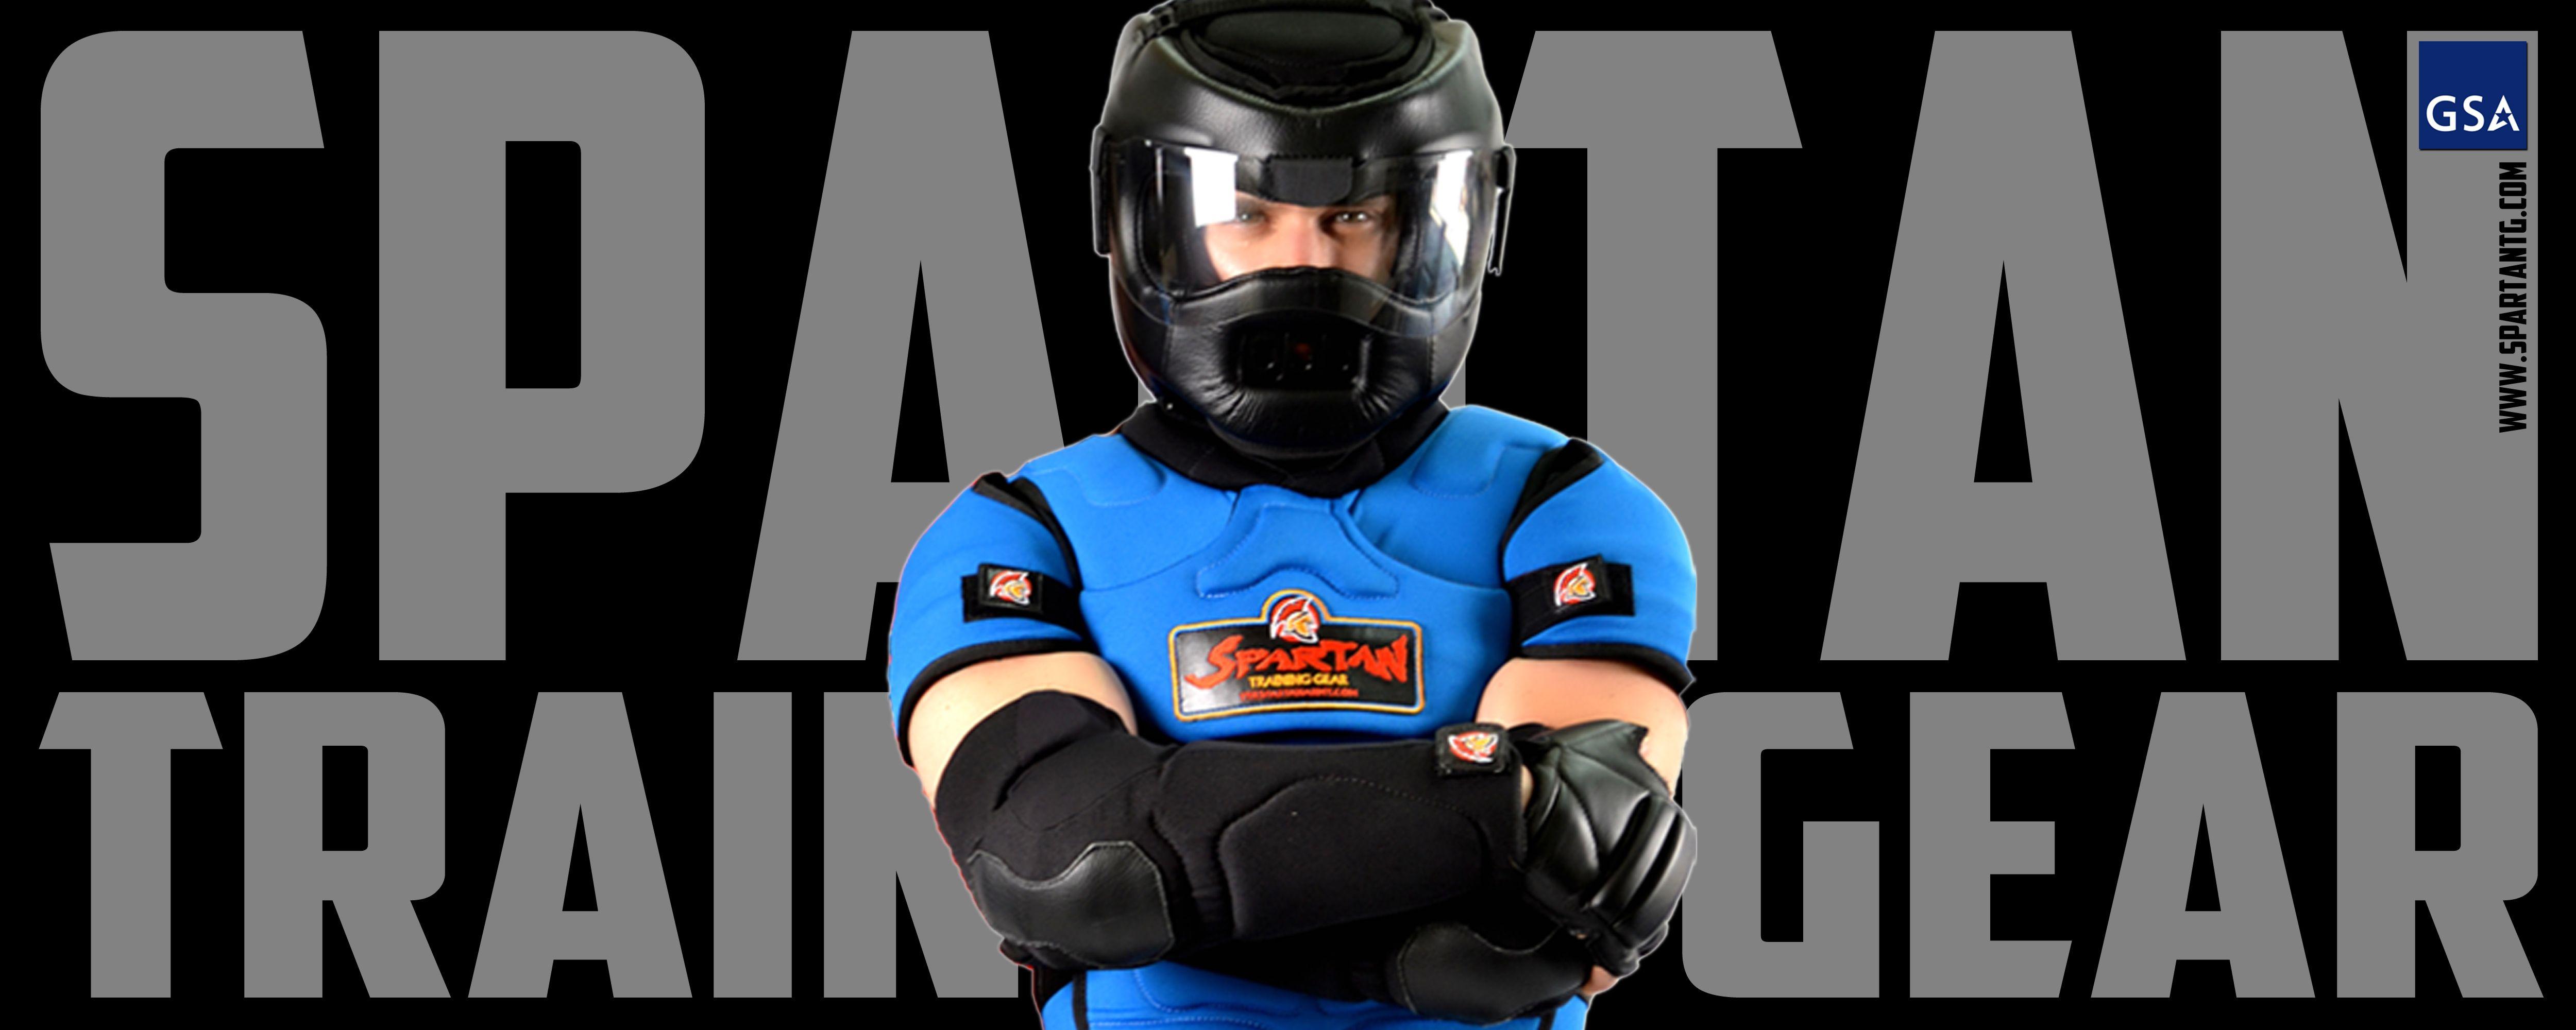 Spartan Training Armour. Available on GSA through Victor Forward ... 6125b98877